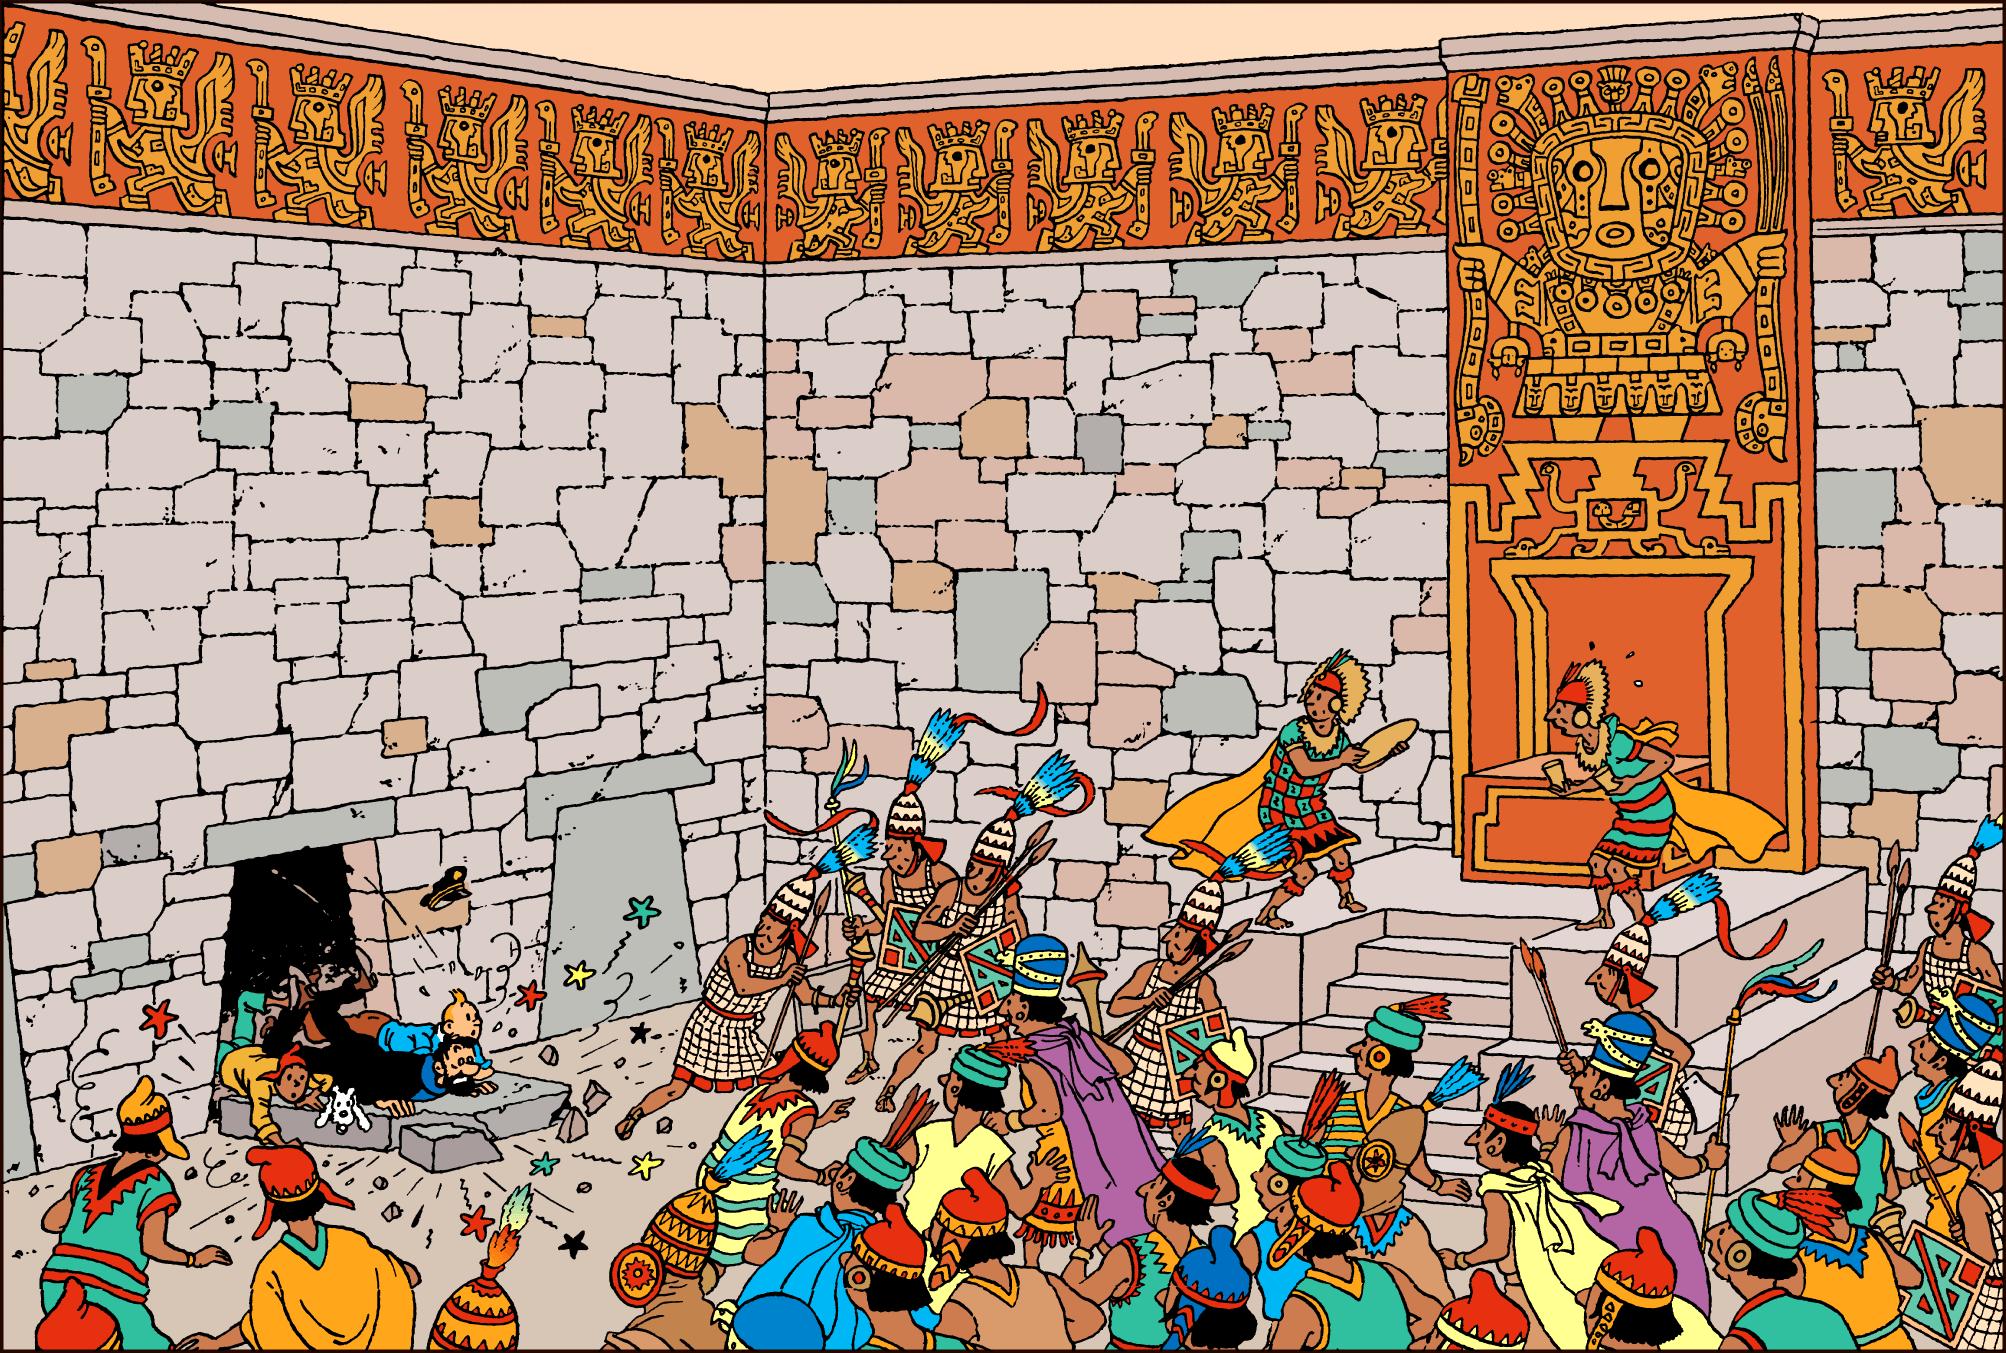 Le Temple du Soleil, intérieur du Temple Dieu aux batons